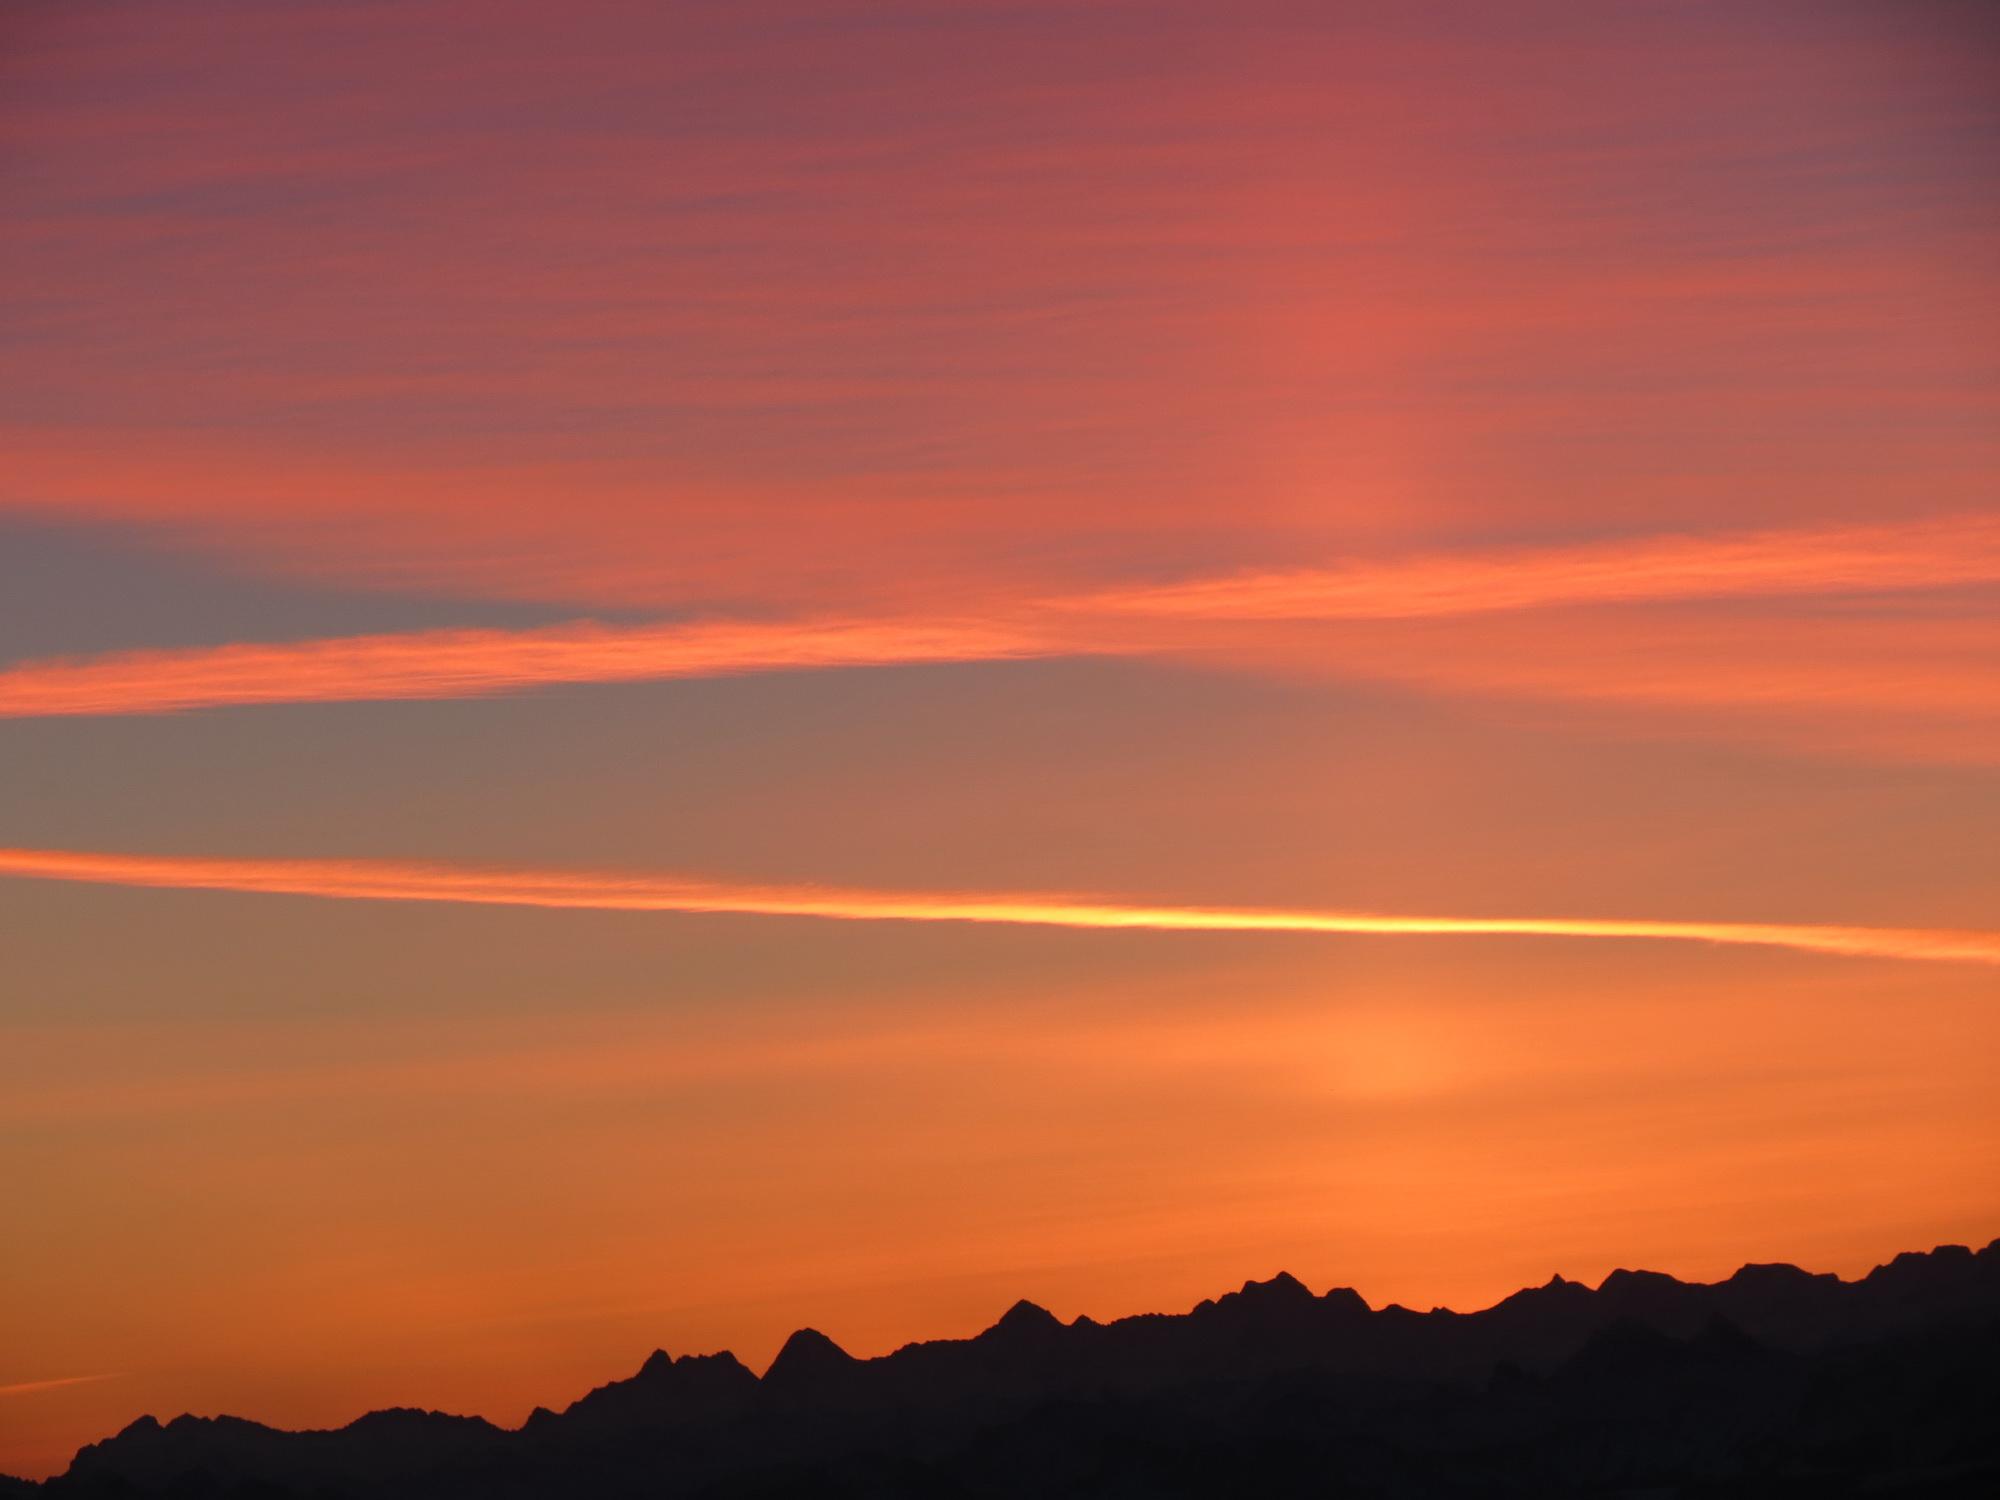 le ciel se zébre de couleurs ambres